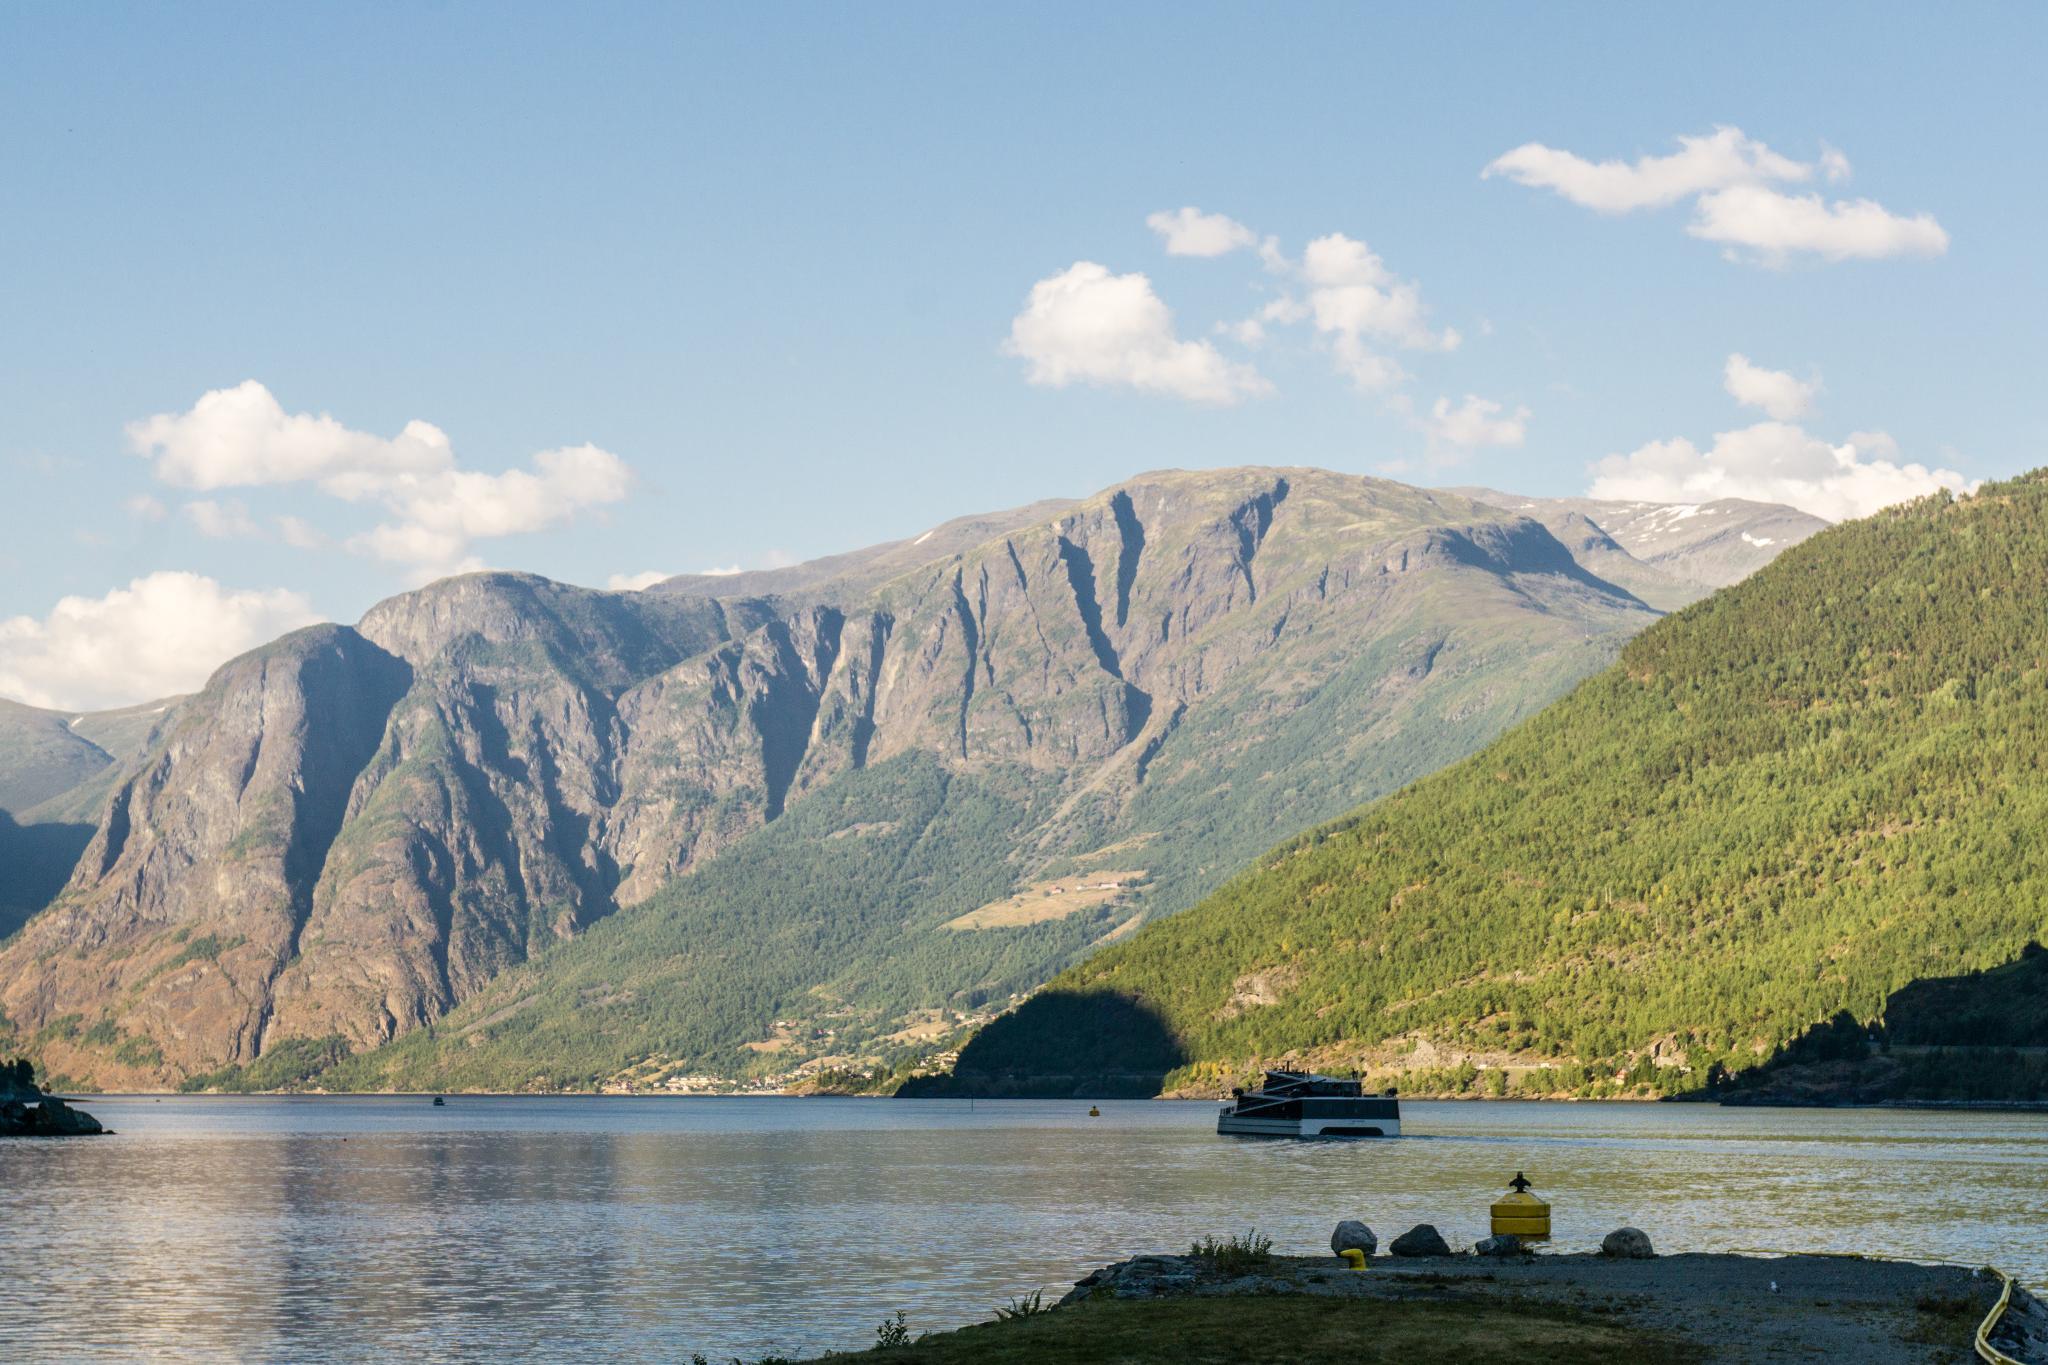 【北歐露營】松恩峽灣推薦露營 Flåm Camping — 挪威縮影的重要轉運站